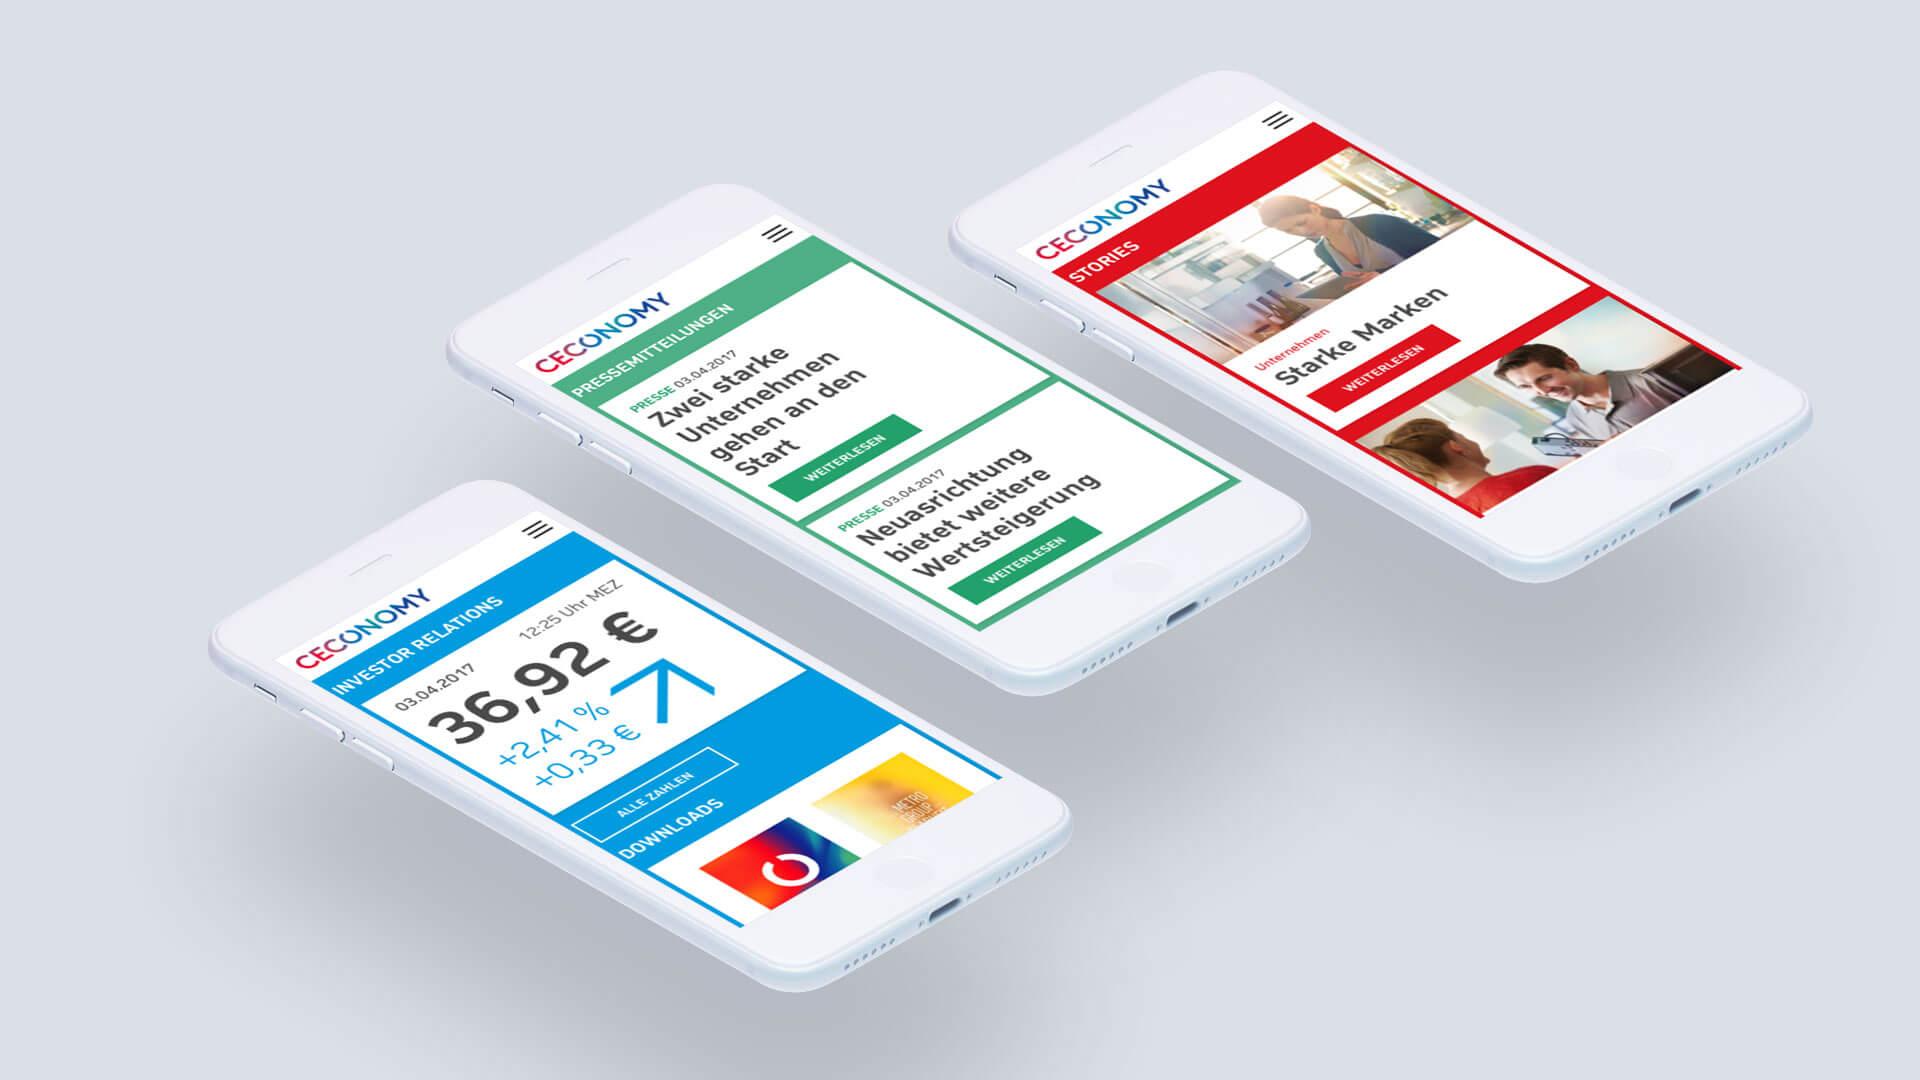 CECONOMY Bereiche der Website angezeigt auf mobilem Endgerät